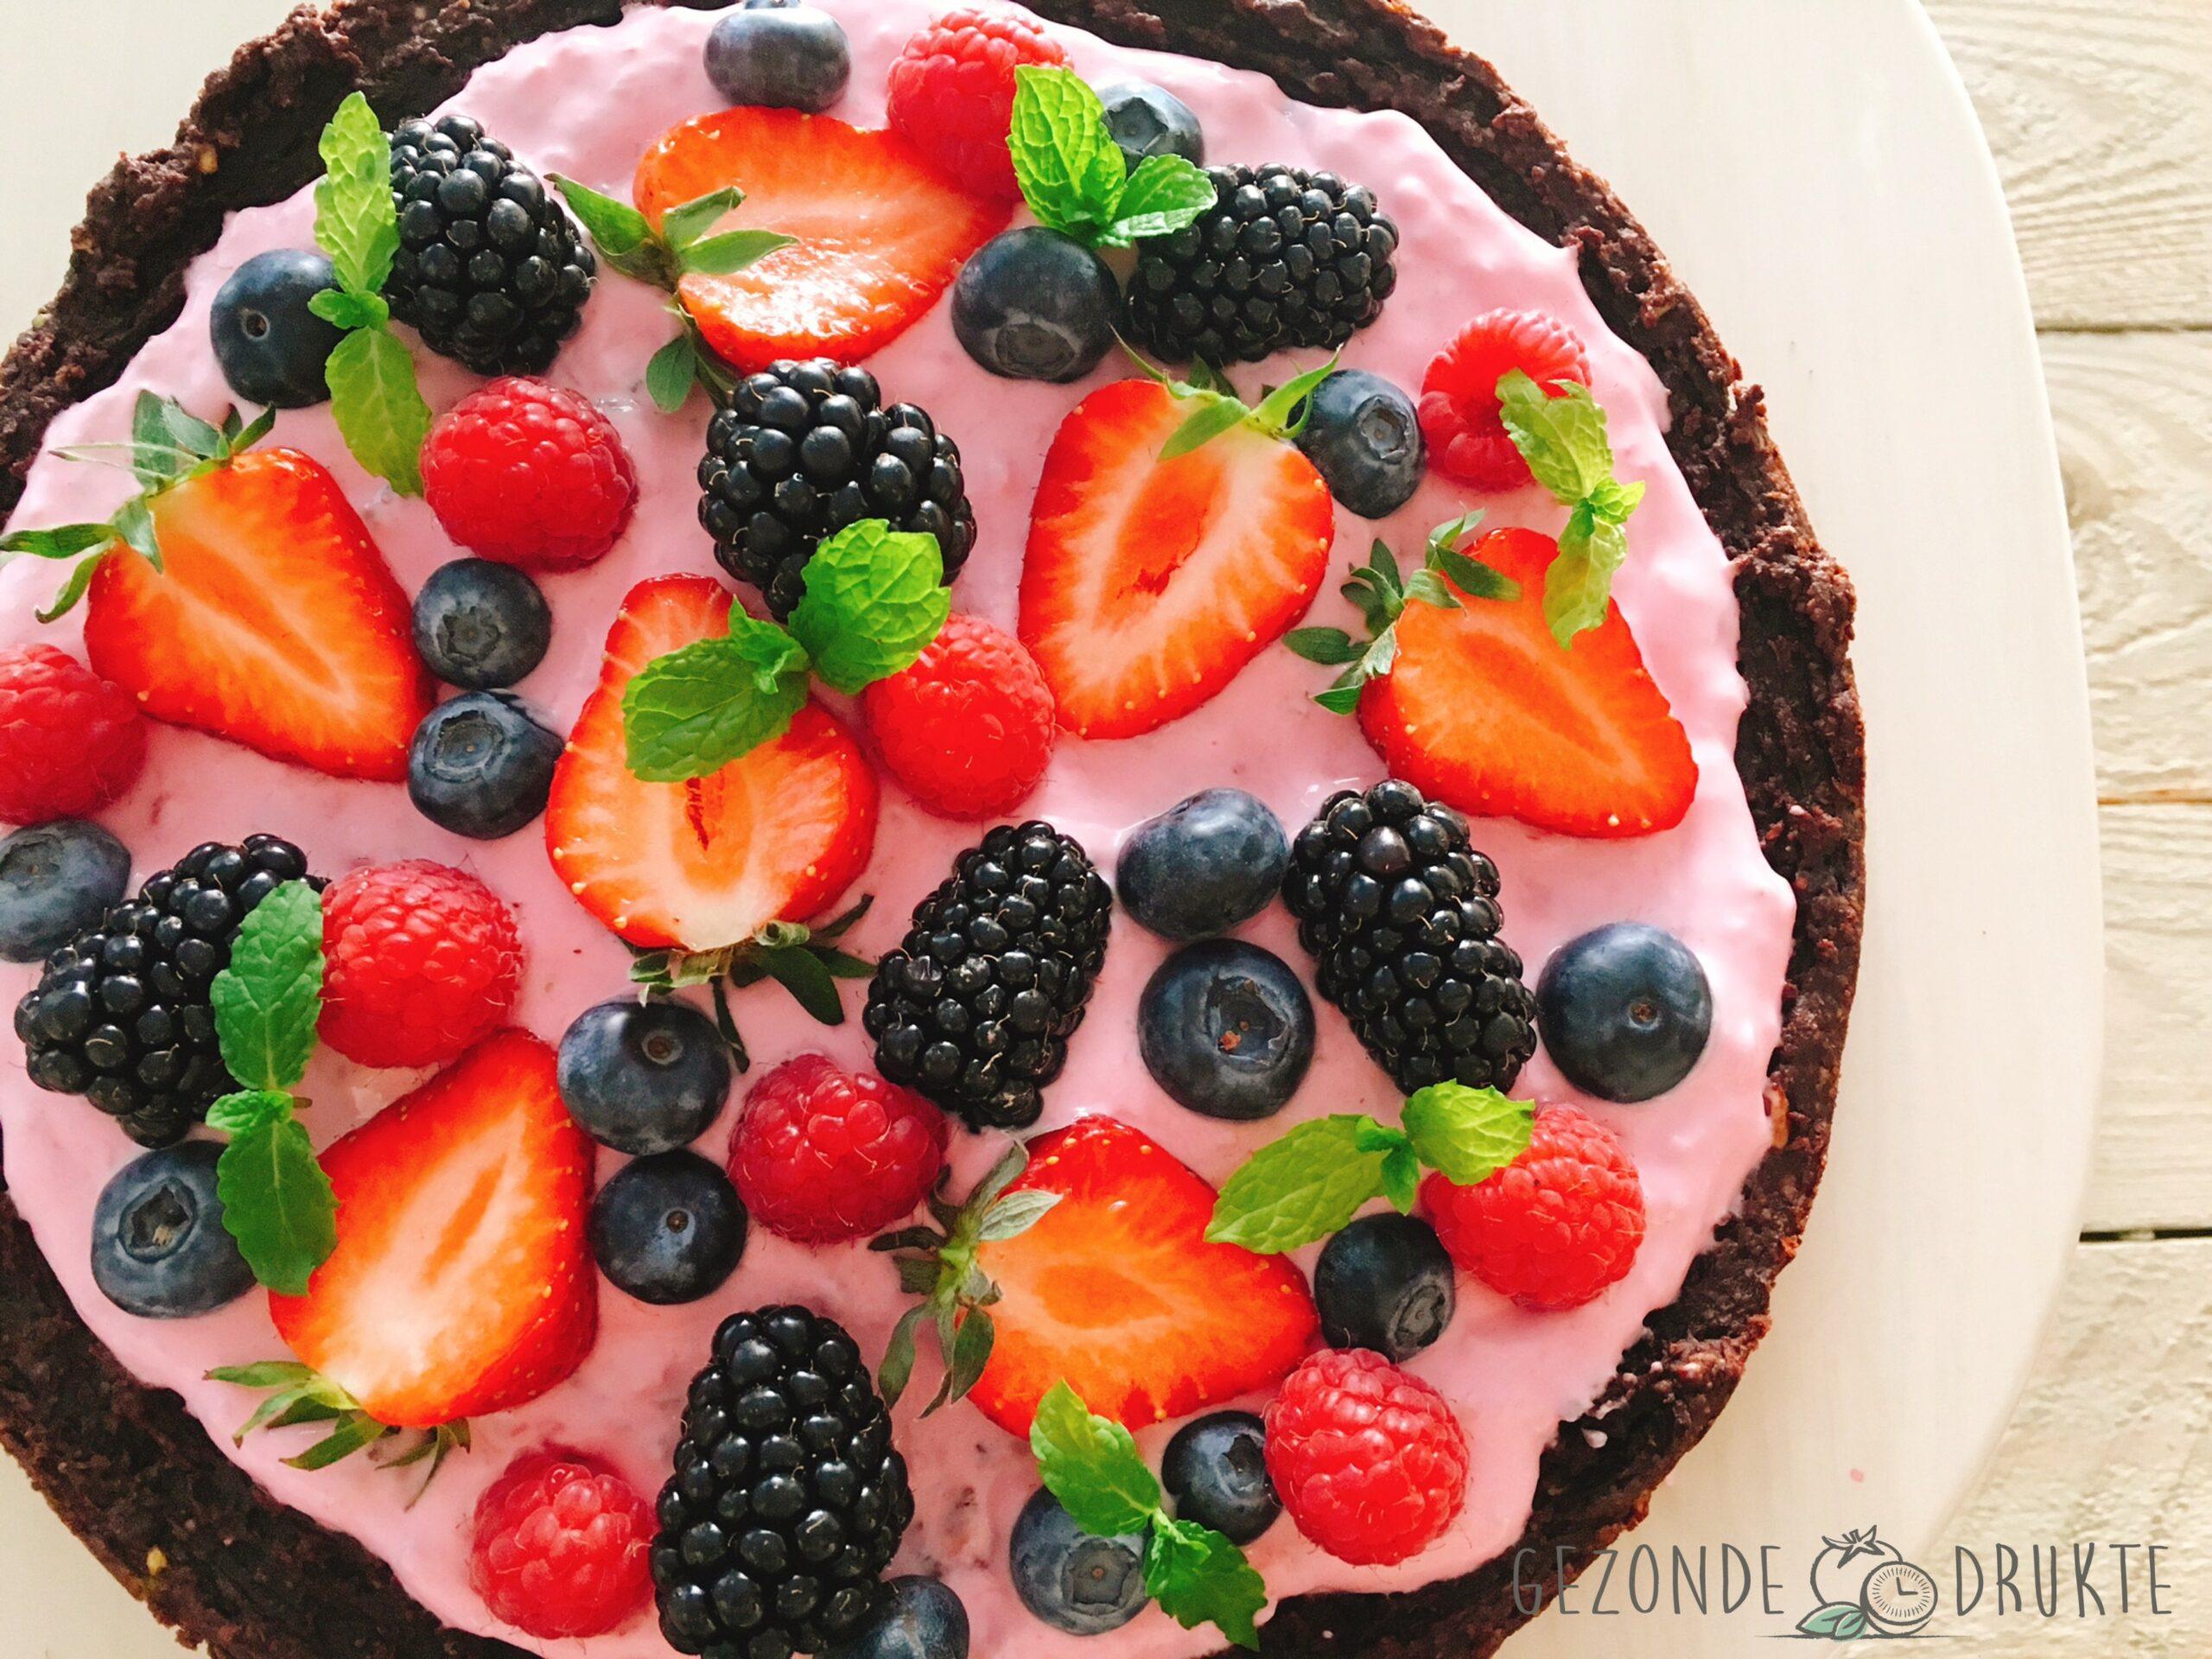 Brownietaart met rode vruchten topping